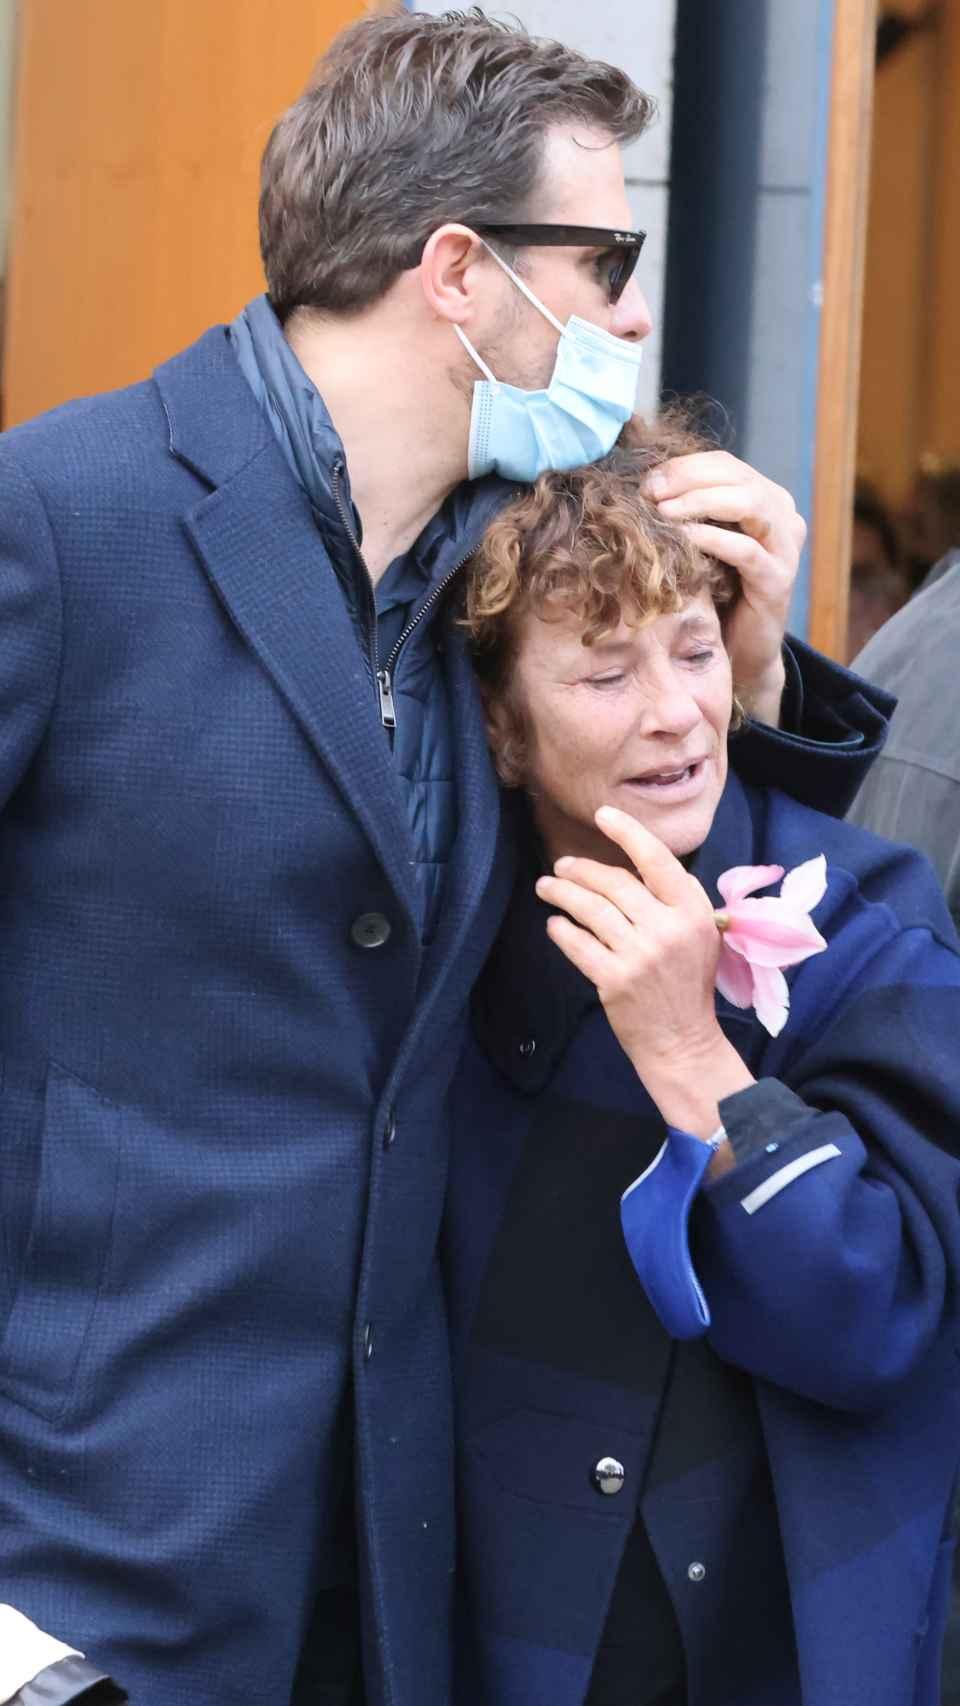 Rosa, madre de Álex Casademunt, junto a su hijo Joan en el funeral del artista.